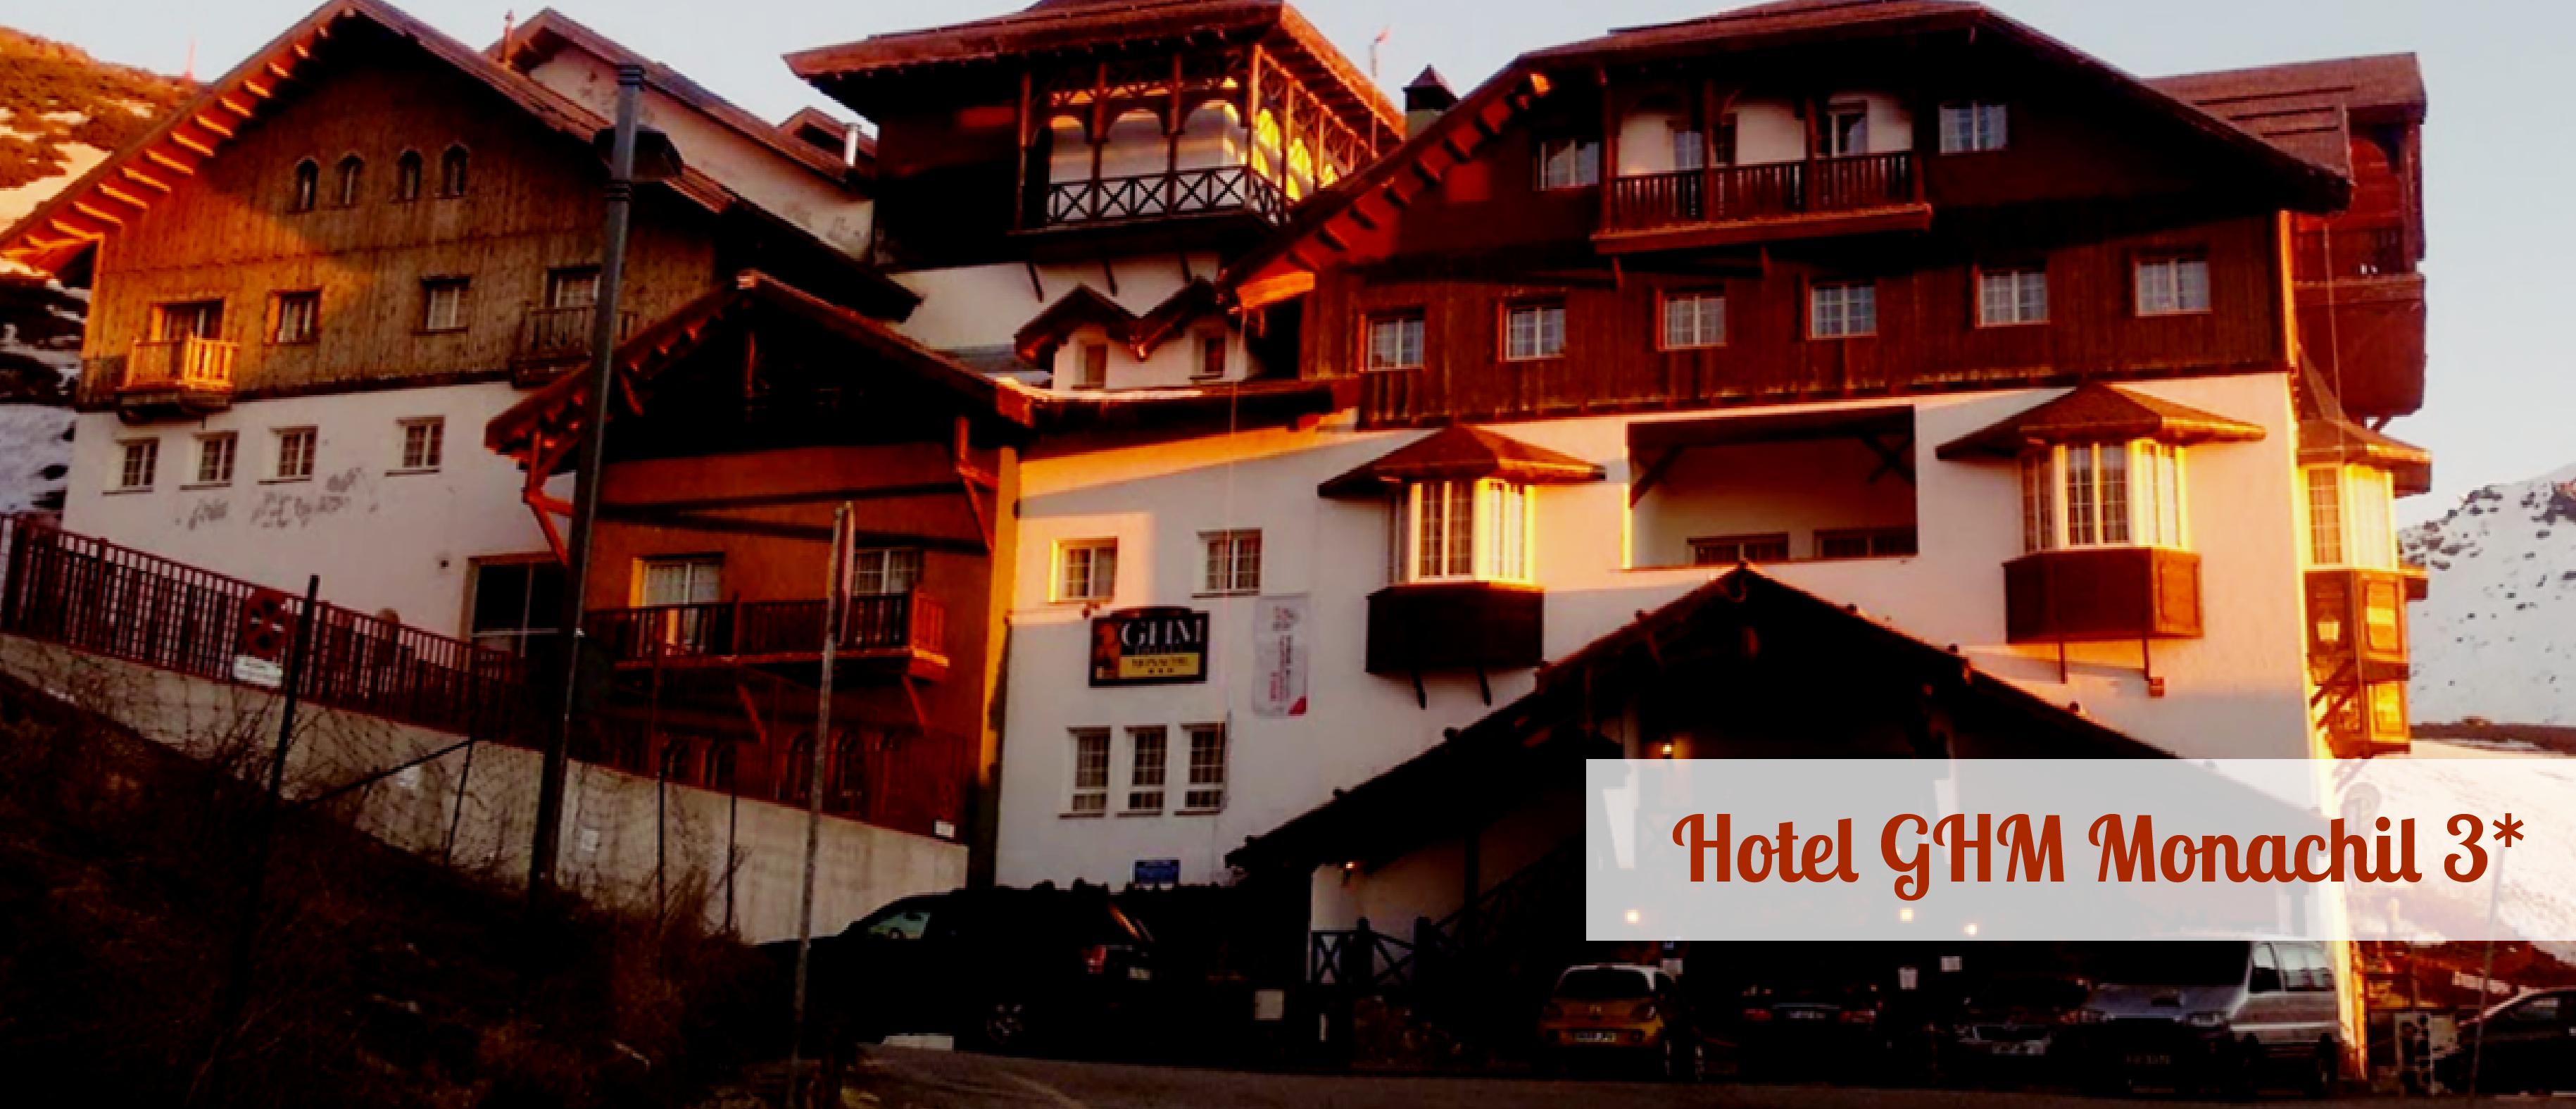 Hotel GHM Monachil 3*: tu alojamiento de este verano en Sierra Nevada